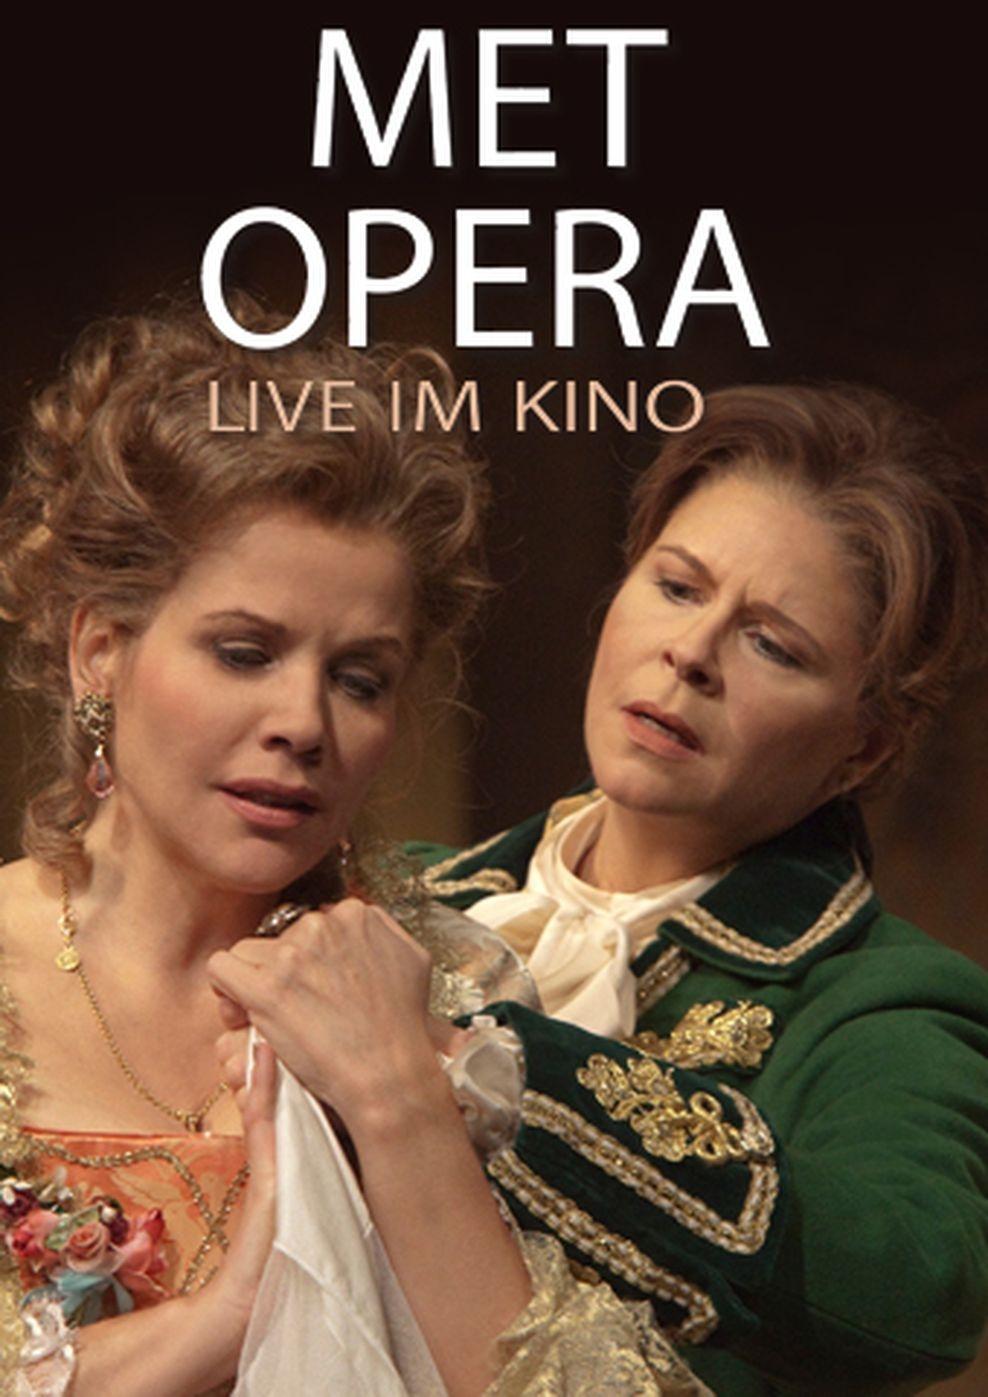 Met Opera 2016/17: Der Rosenkavalier (Strauss) (Poster)